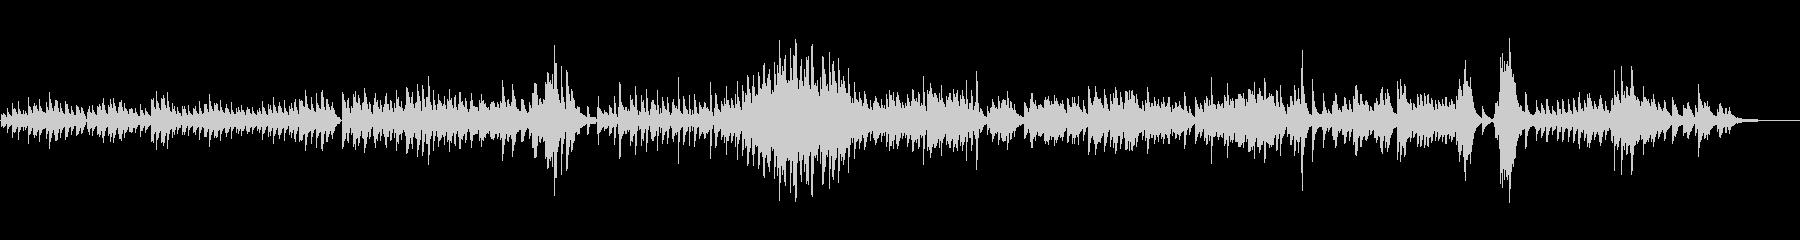 生ピアノソロ・コスモス畑の未再生の波形